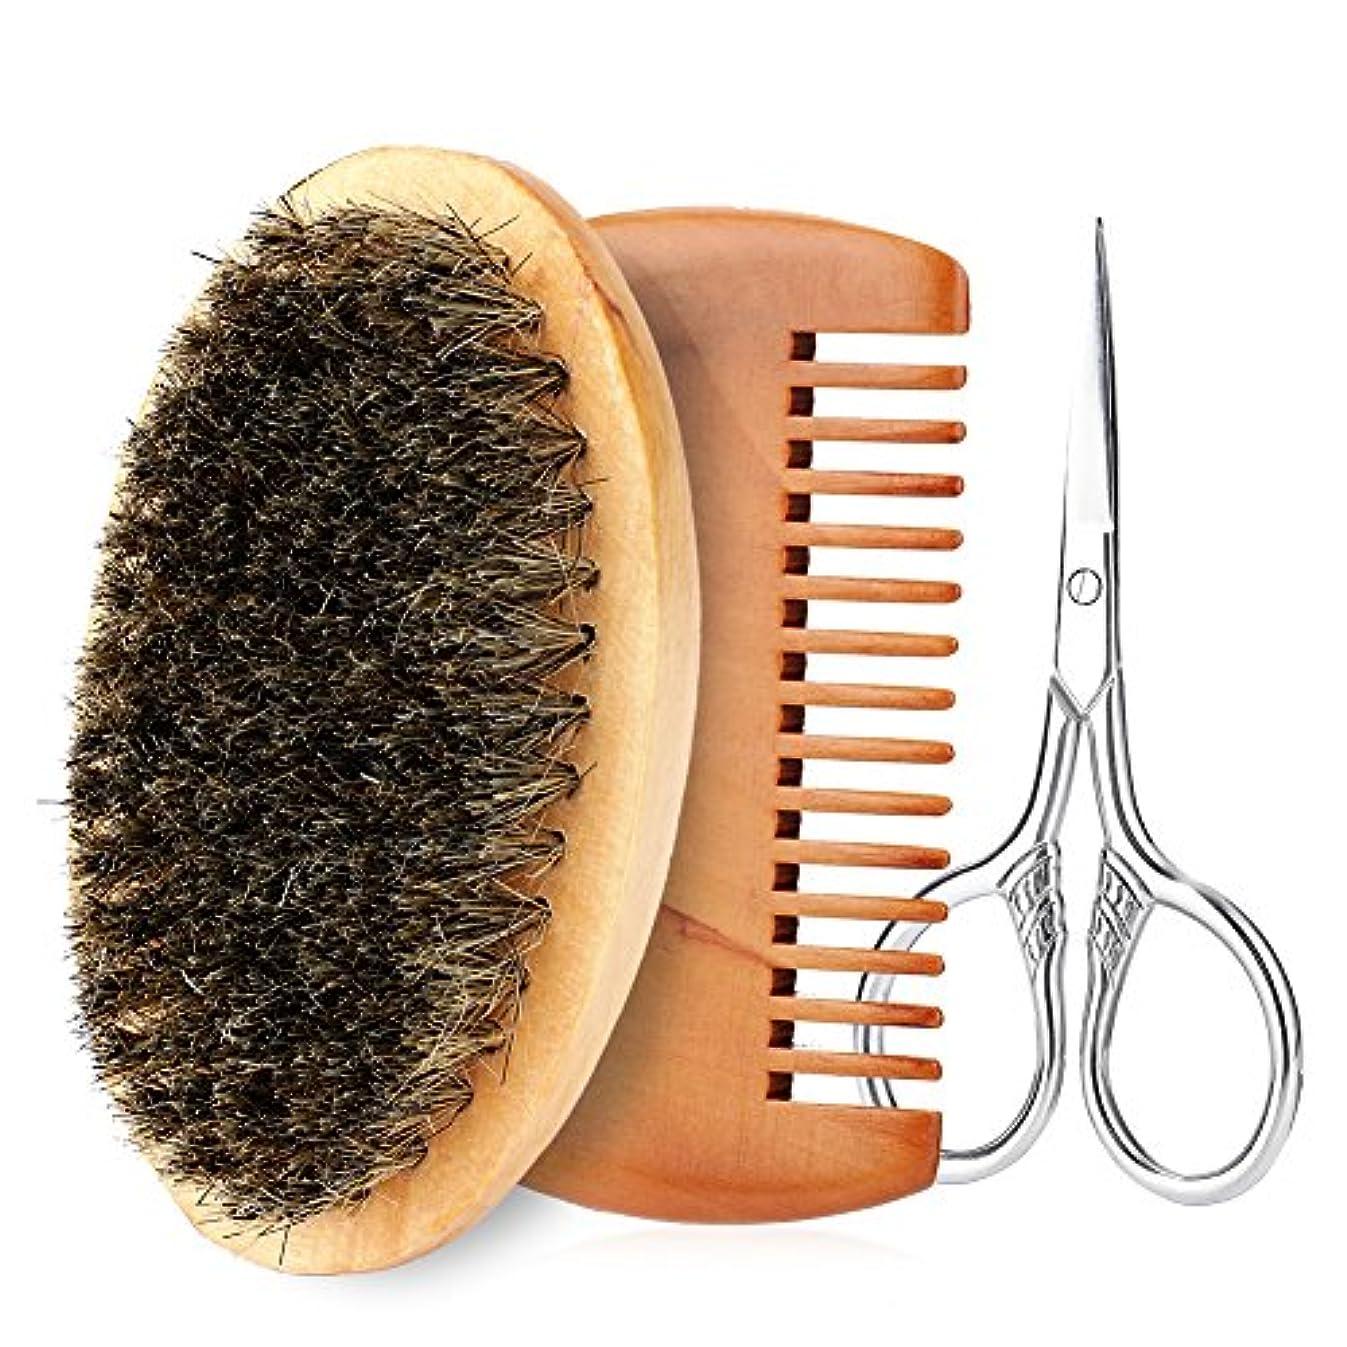 偽善者受け継ぐ条約ひげブラシ、男性顔ひげクリーニングシェービングブラシフェイスマッサージャーグルーミングアプライアンスツール(#3(Beard Brush + Comb + Scissors))